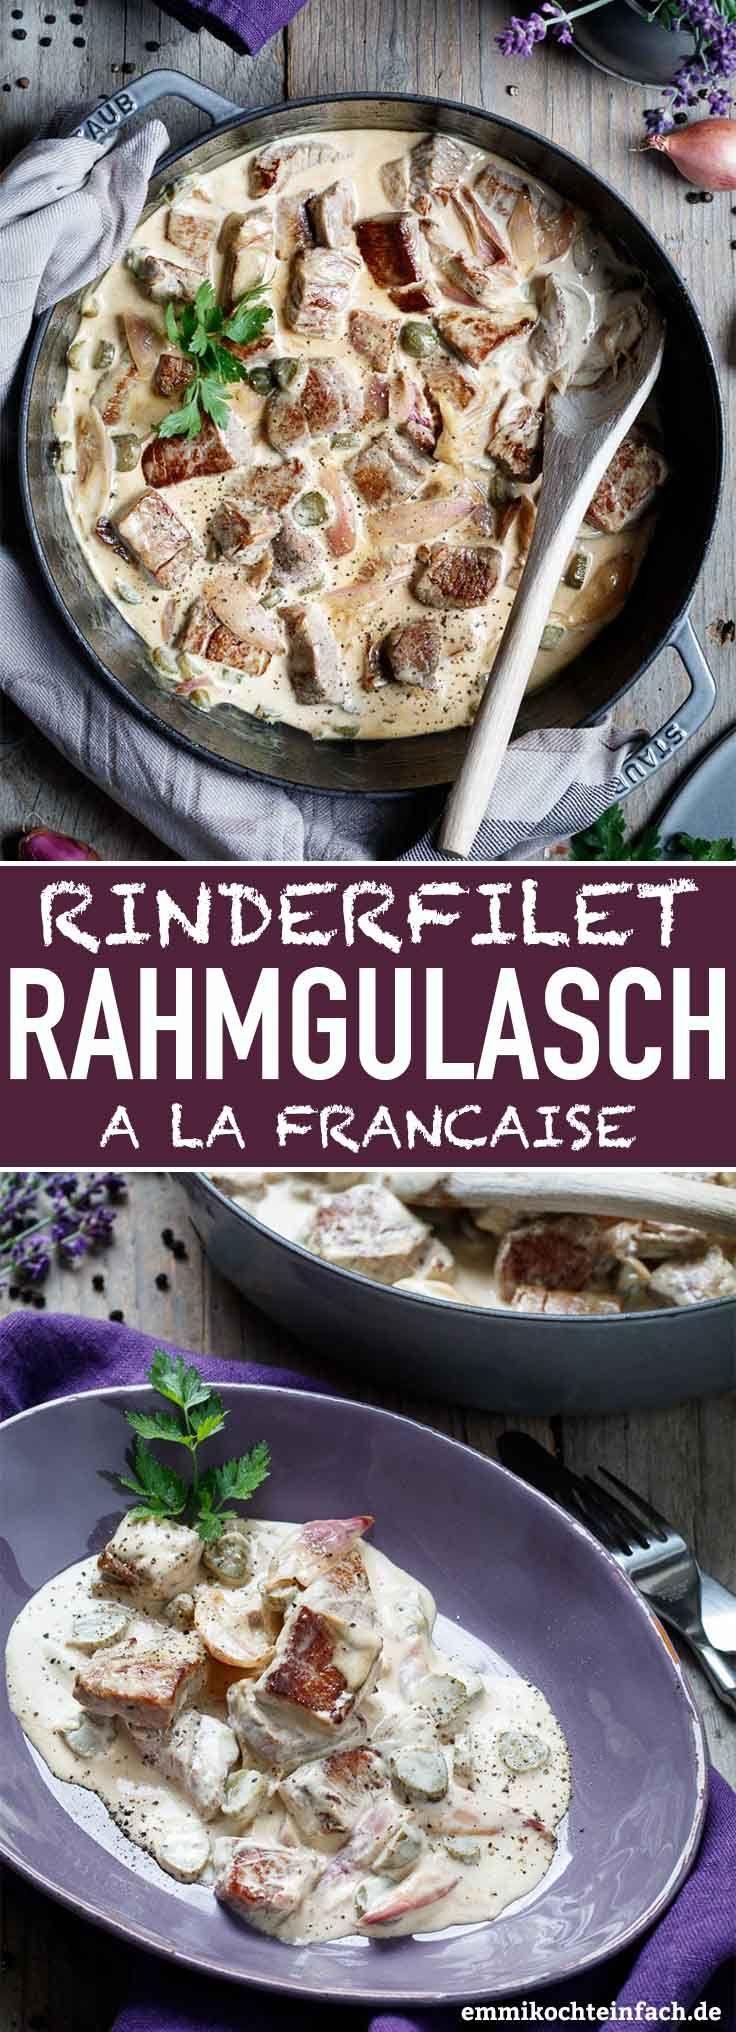 Rinderfilet Rahmgulasch à la francaise - emmikochteinfach